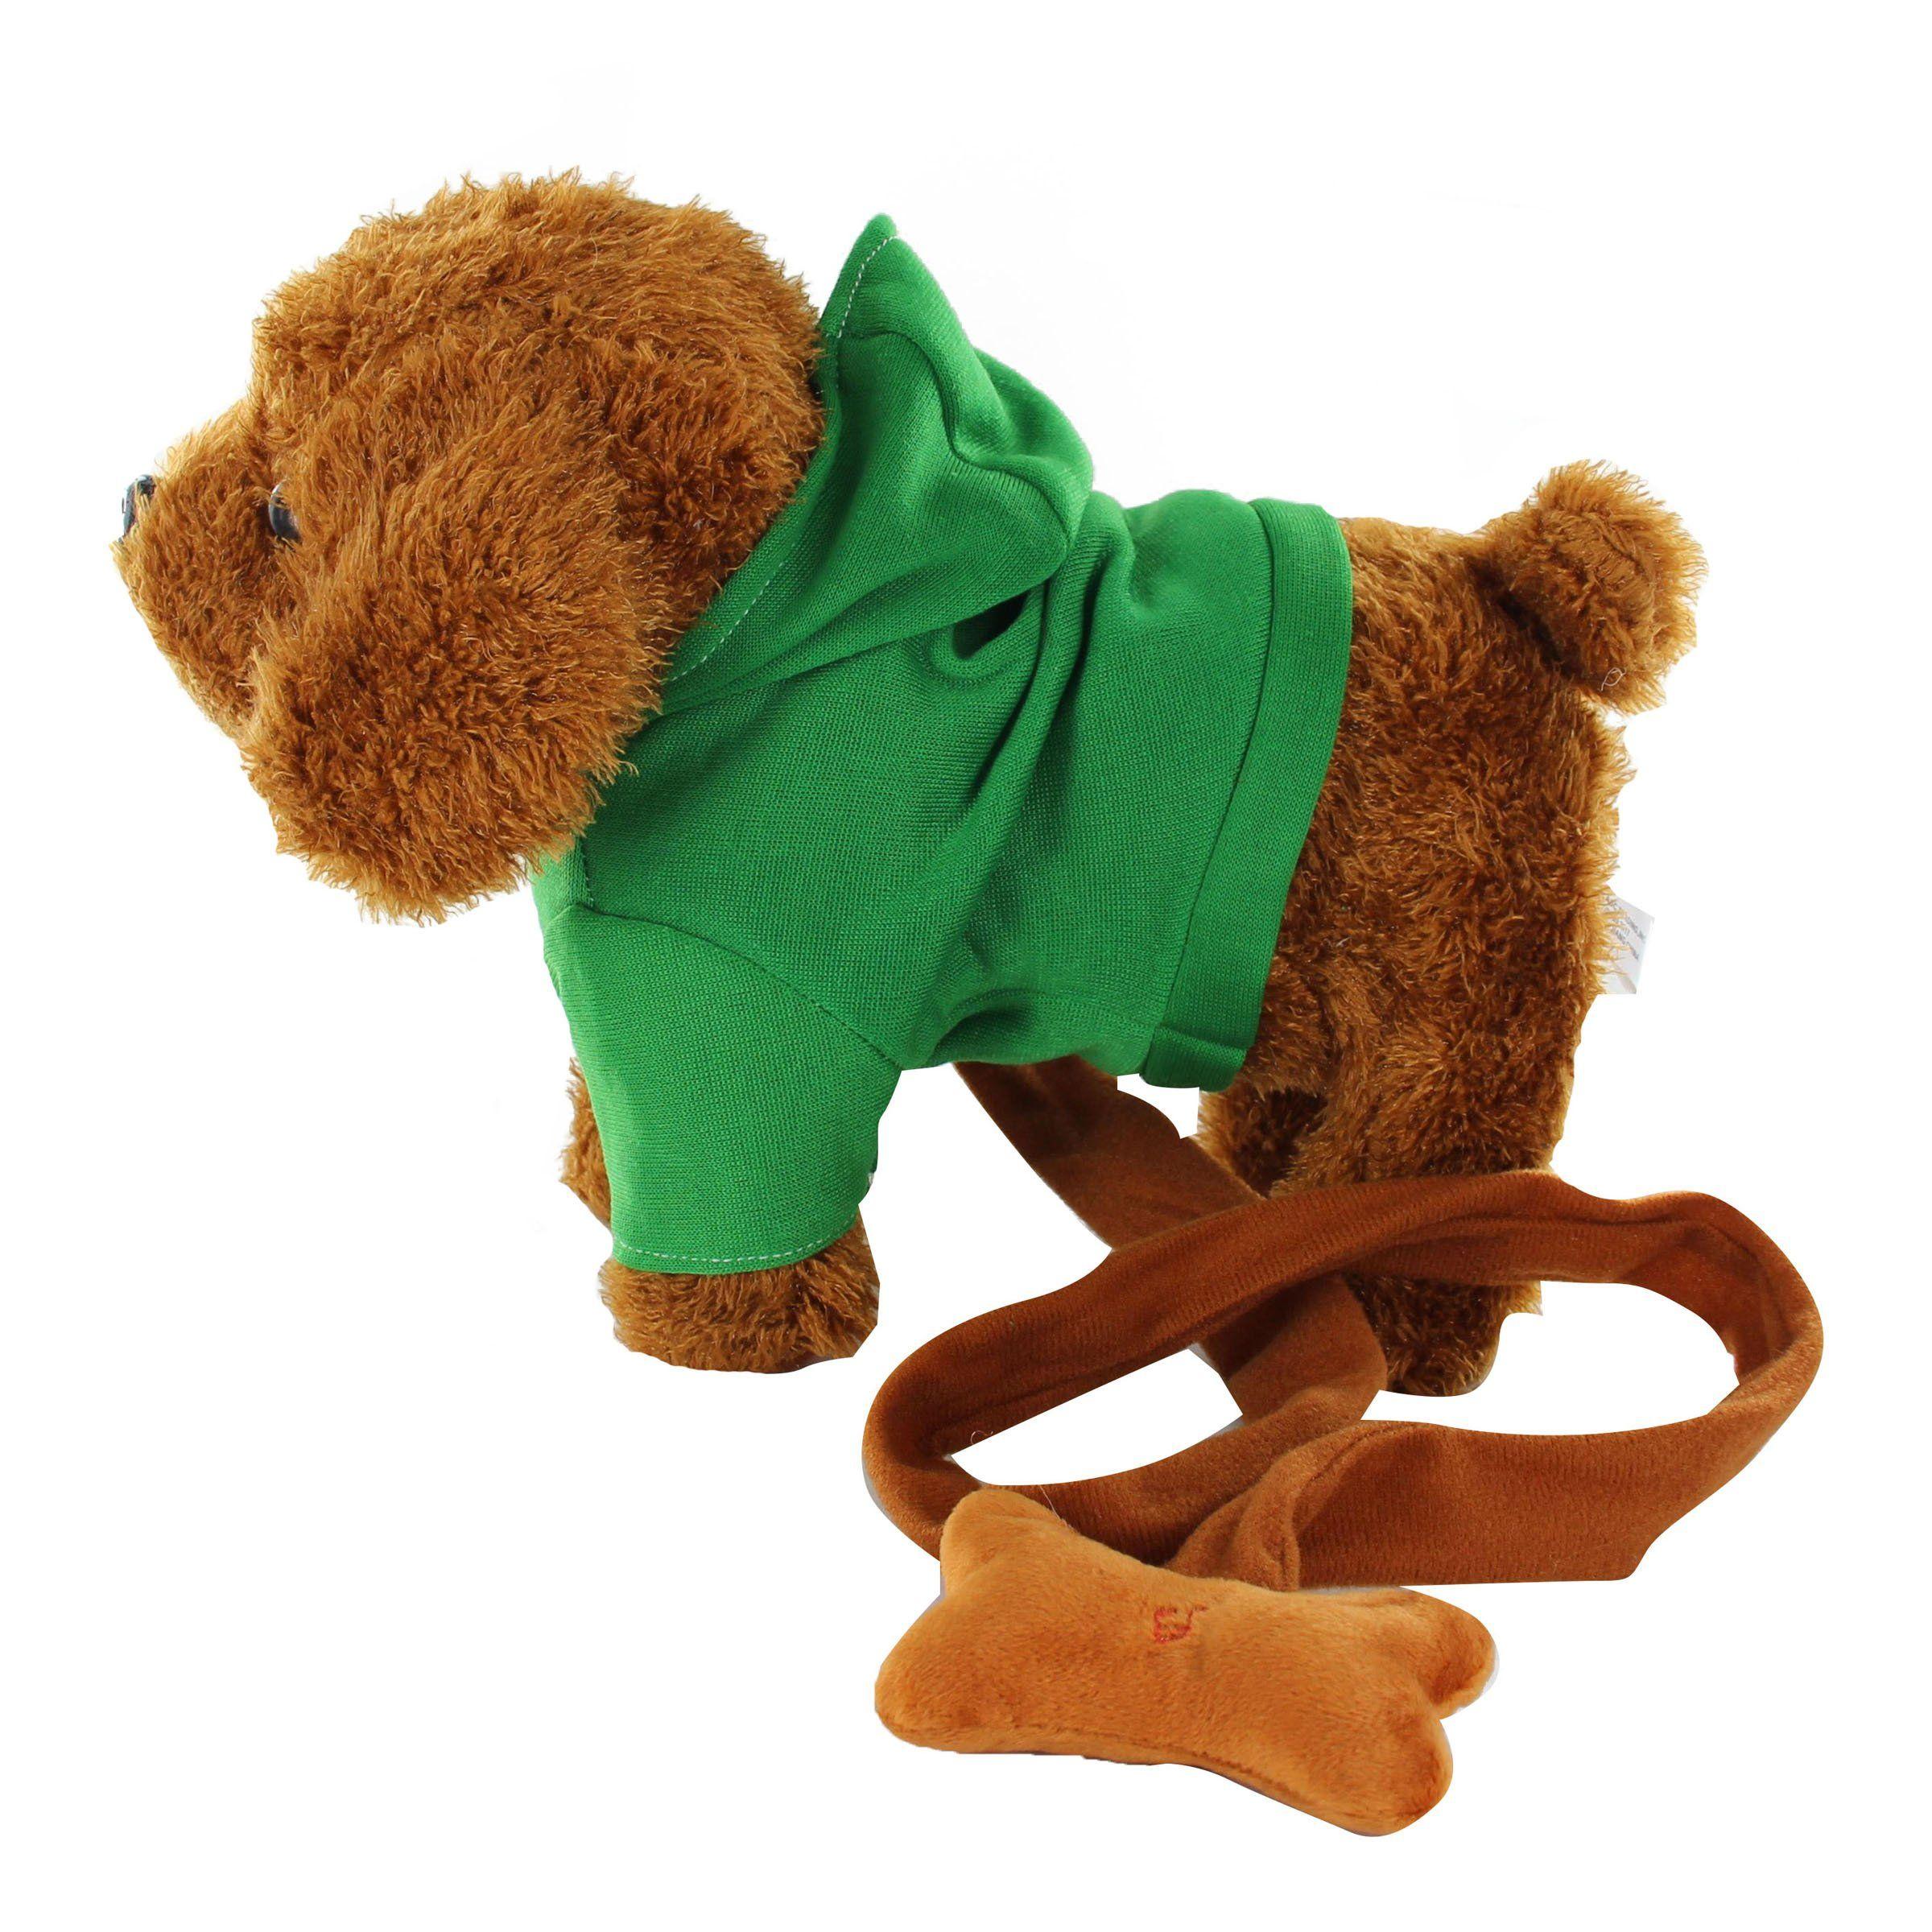 Electronic Pet Dog With Green Hoodie Plush Toys Singing Walking